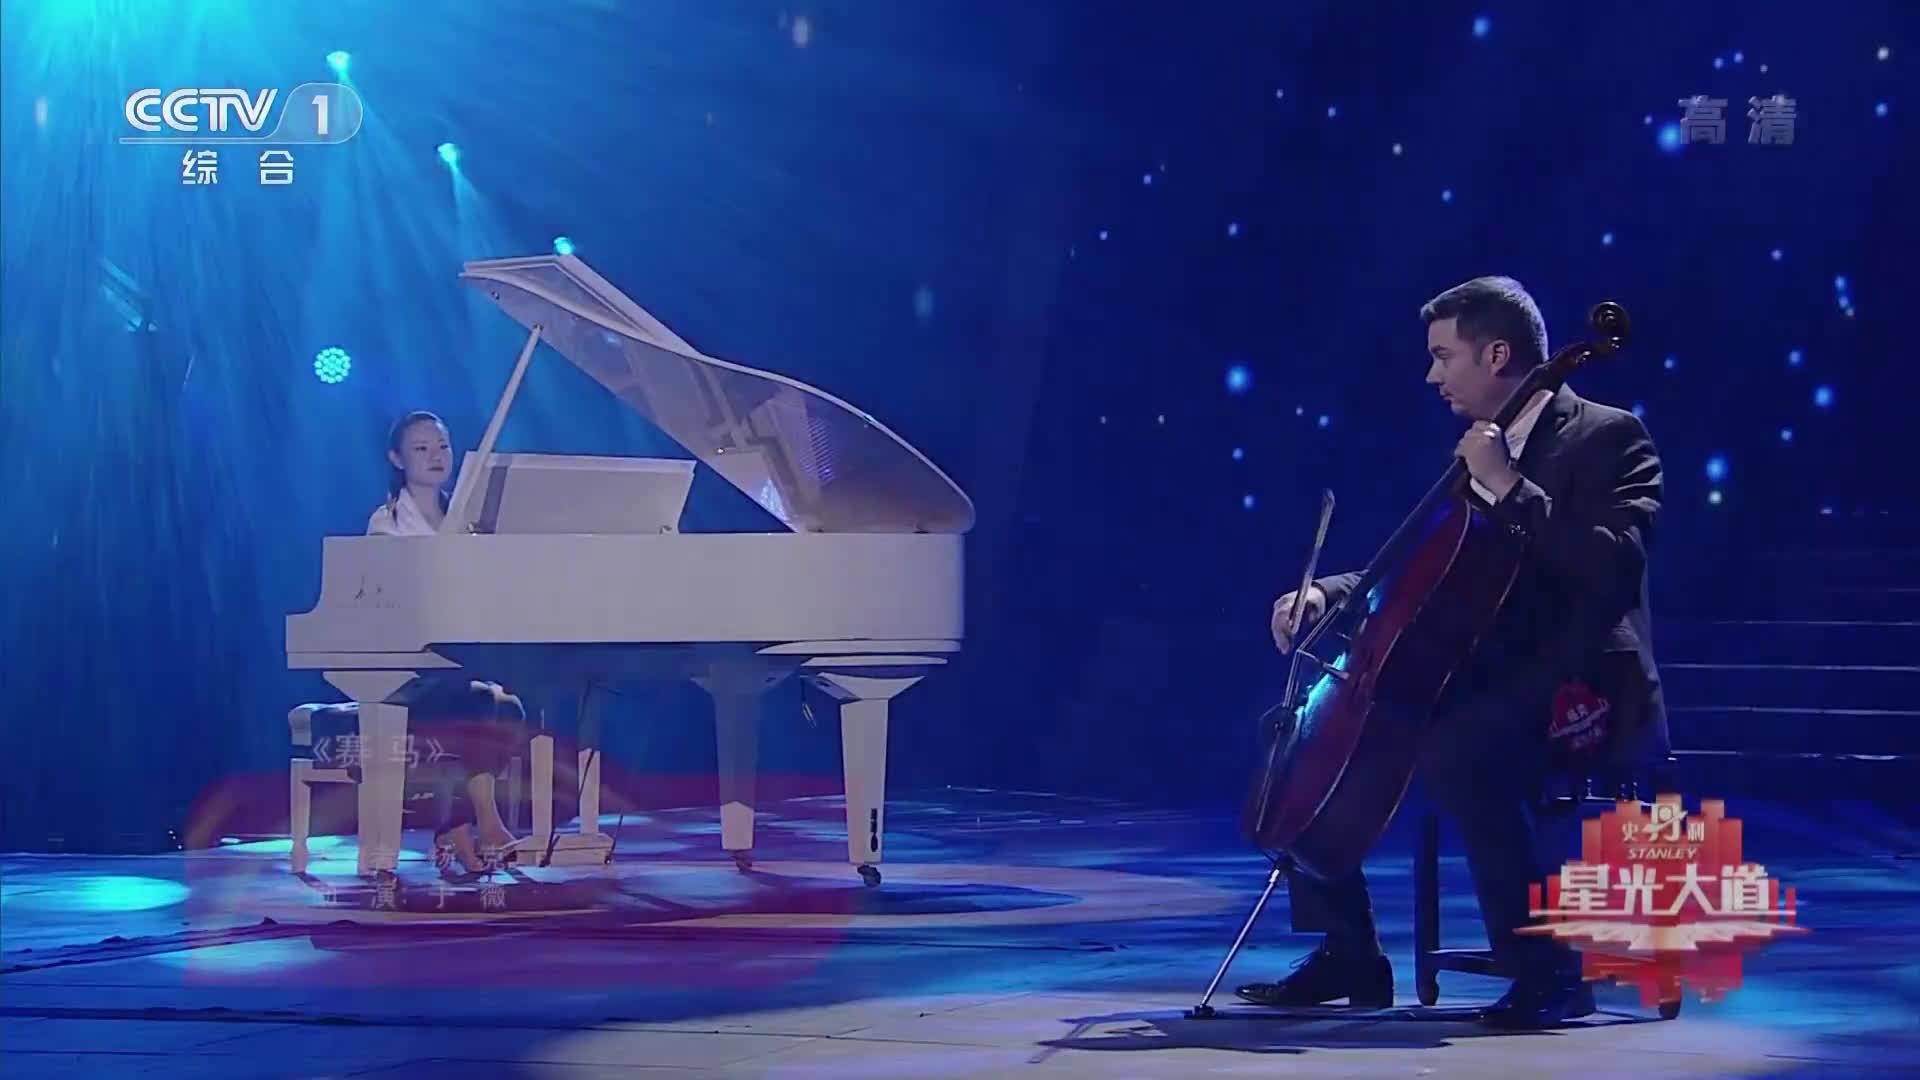 周赛精彩看点 :夫妻配合默契钢琴、大提琴演奏合奏《赛马》